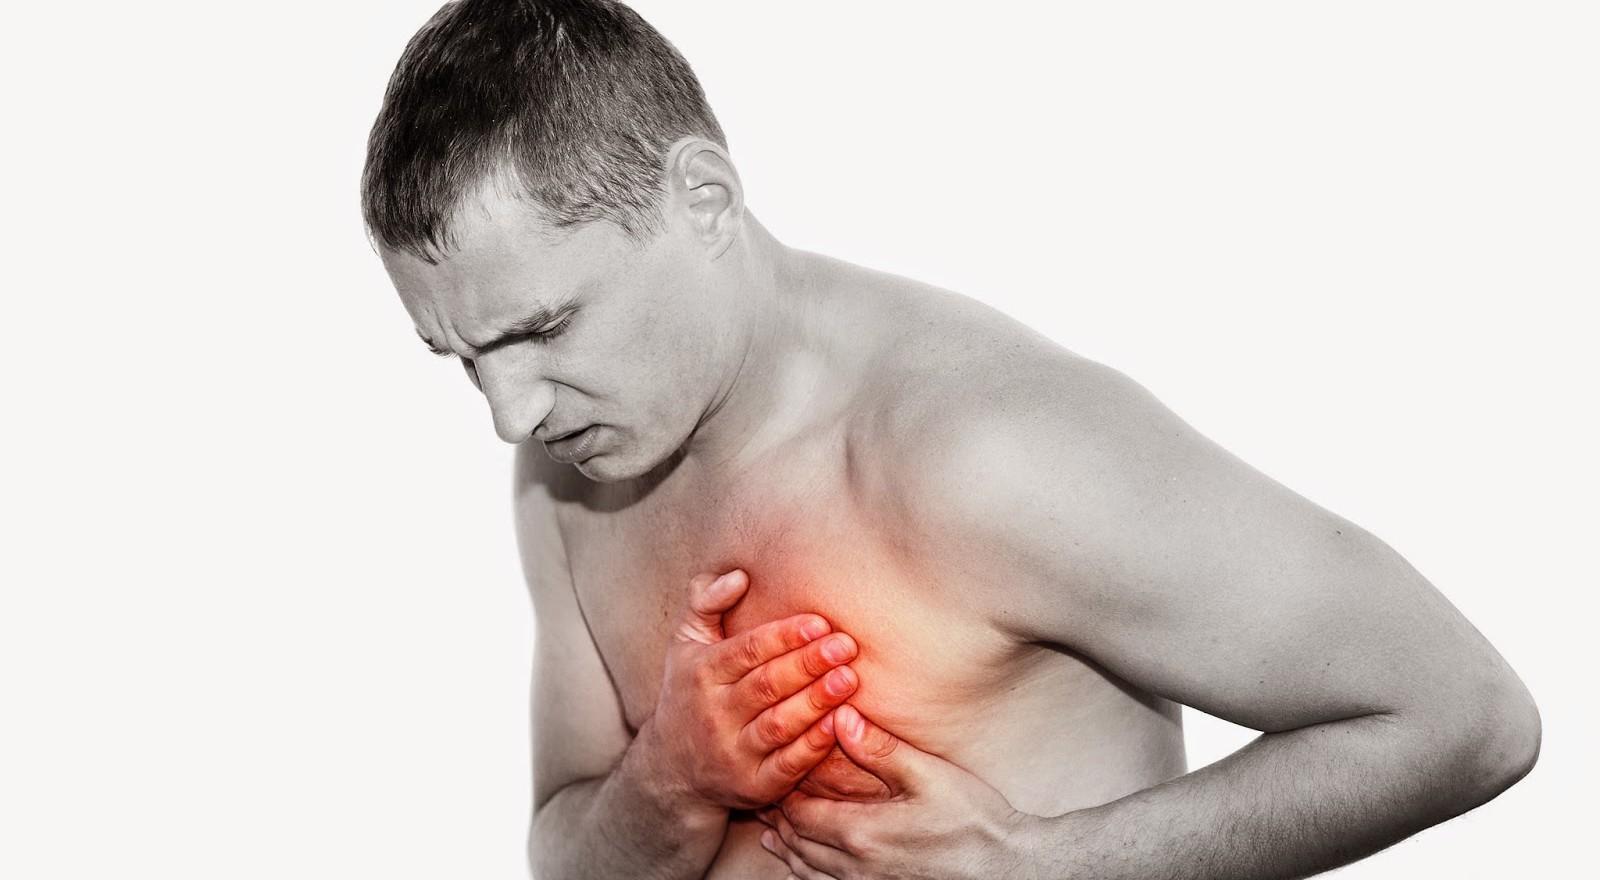 Как сделать так чтобы у меня заболело сердце